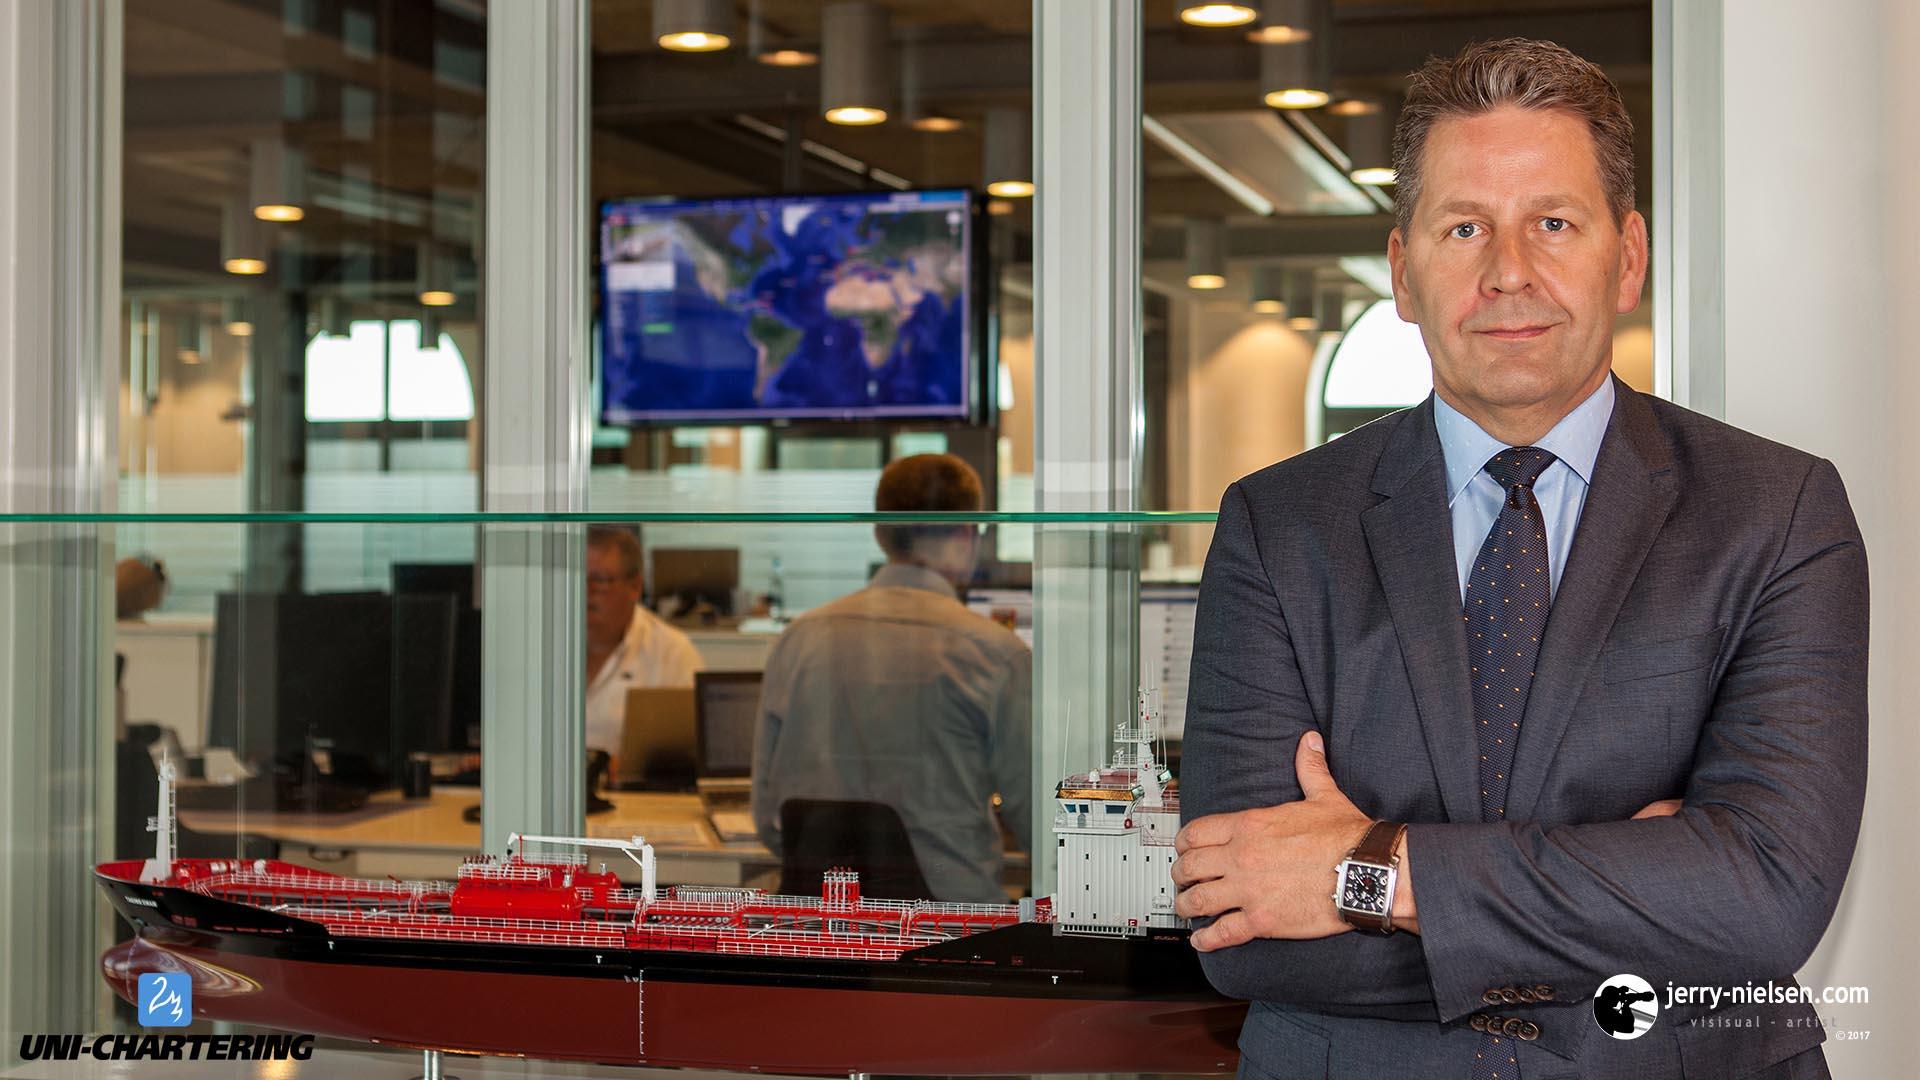 Per Ekmann, CEO of Uni-Chartering